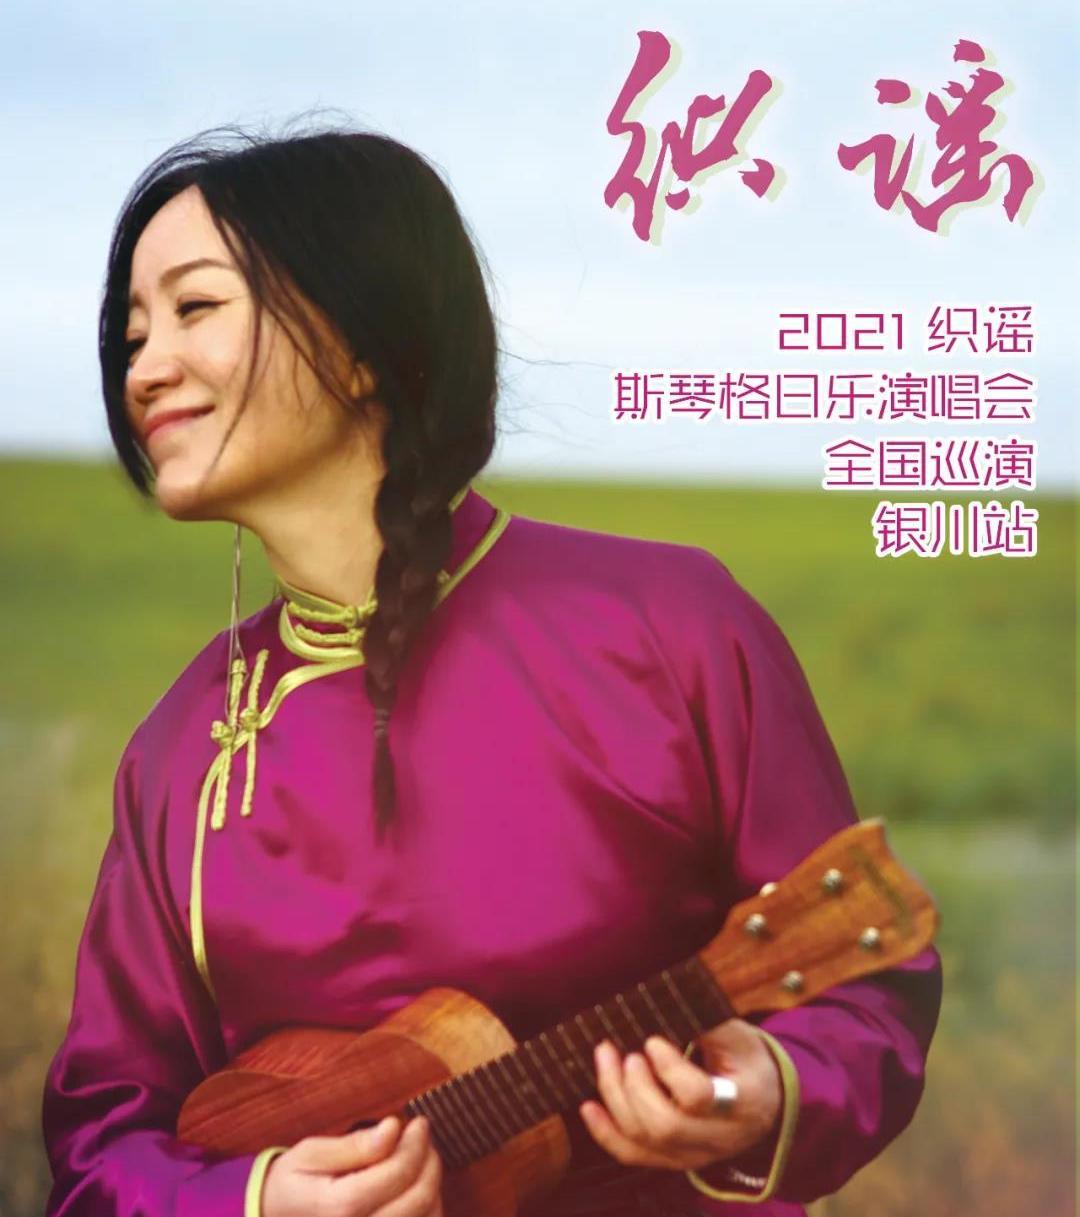 """2021""""织谣""""斯琴格日乐个人演唱会即将在银川绽放"""